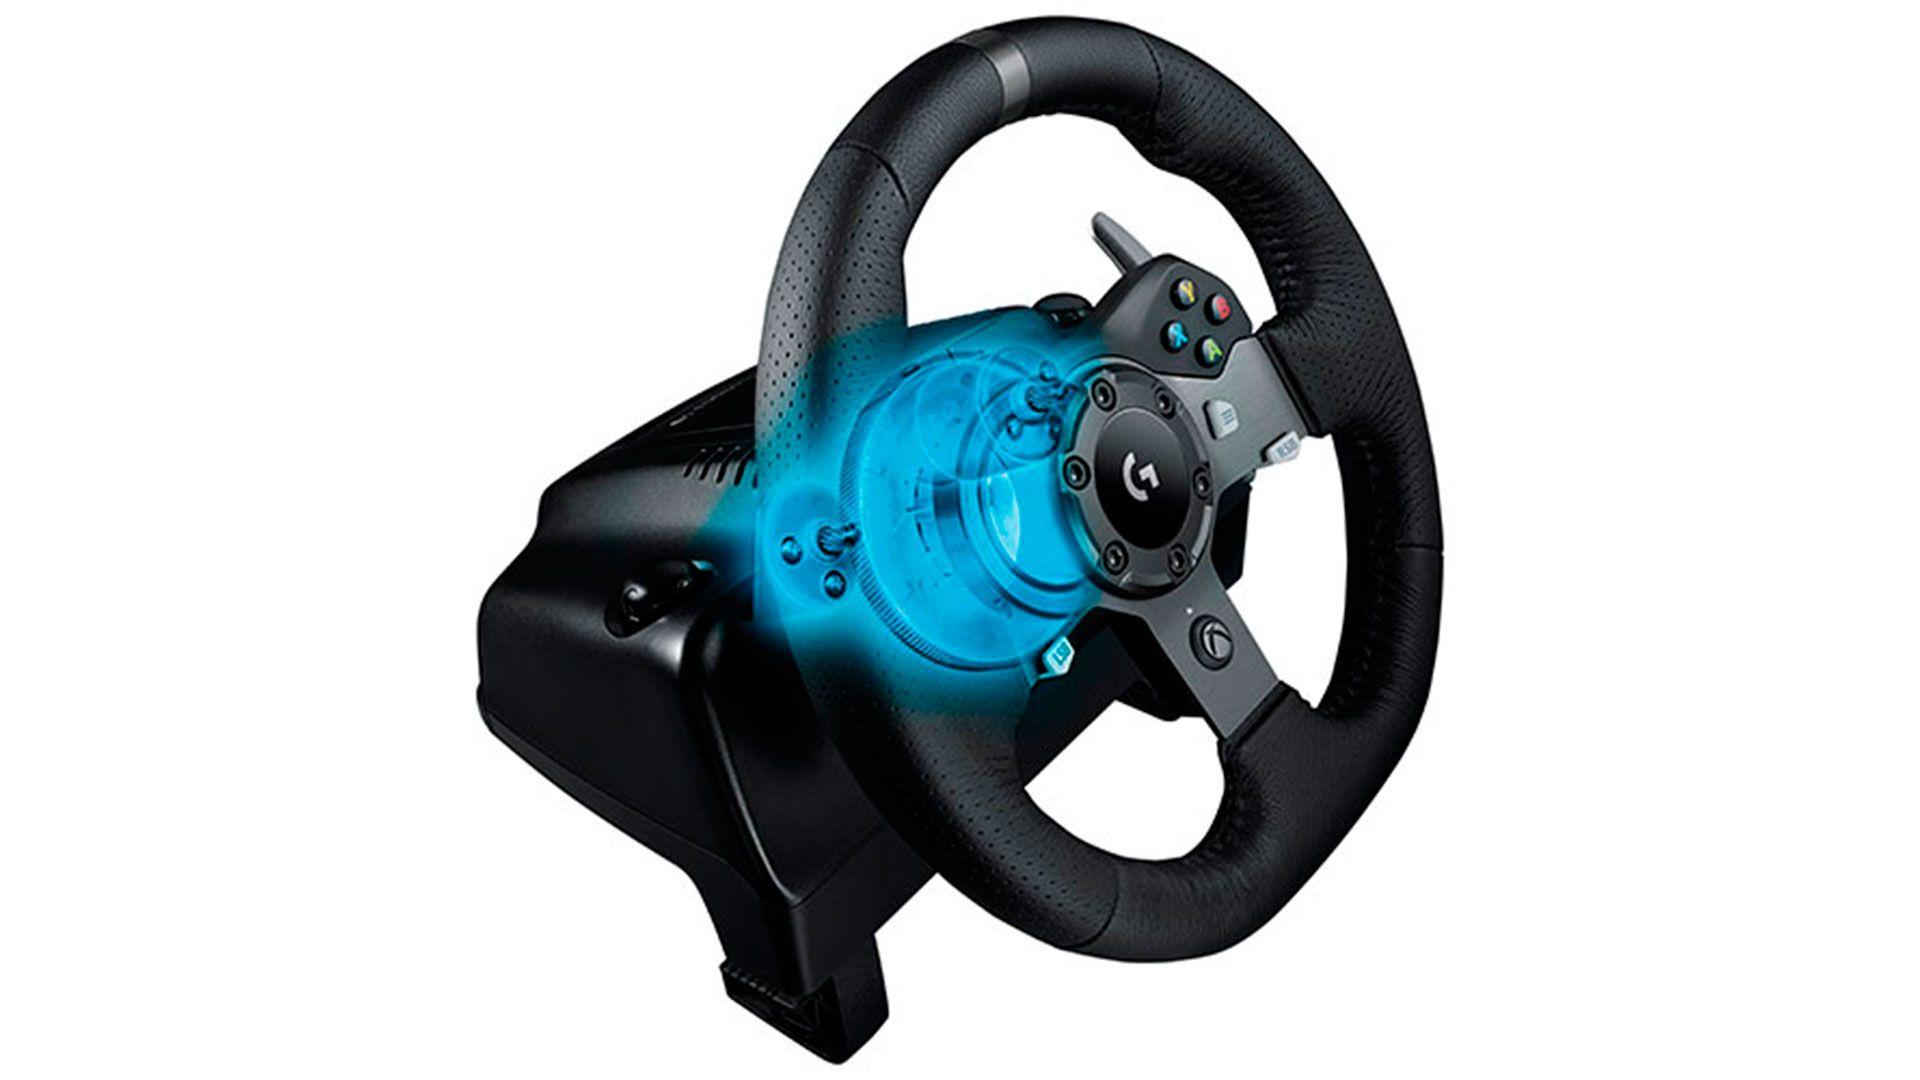 Logitech G920 Driving Force изображение 5